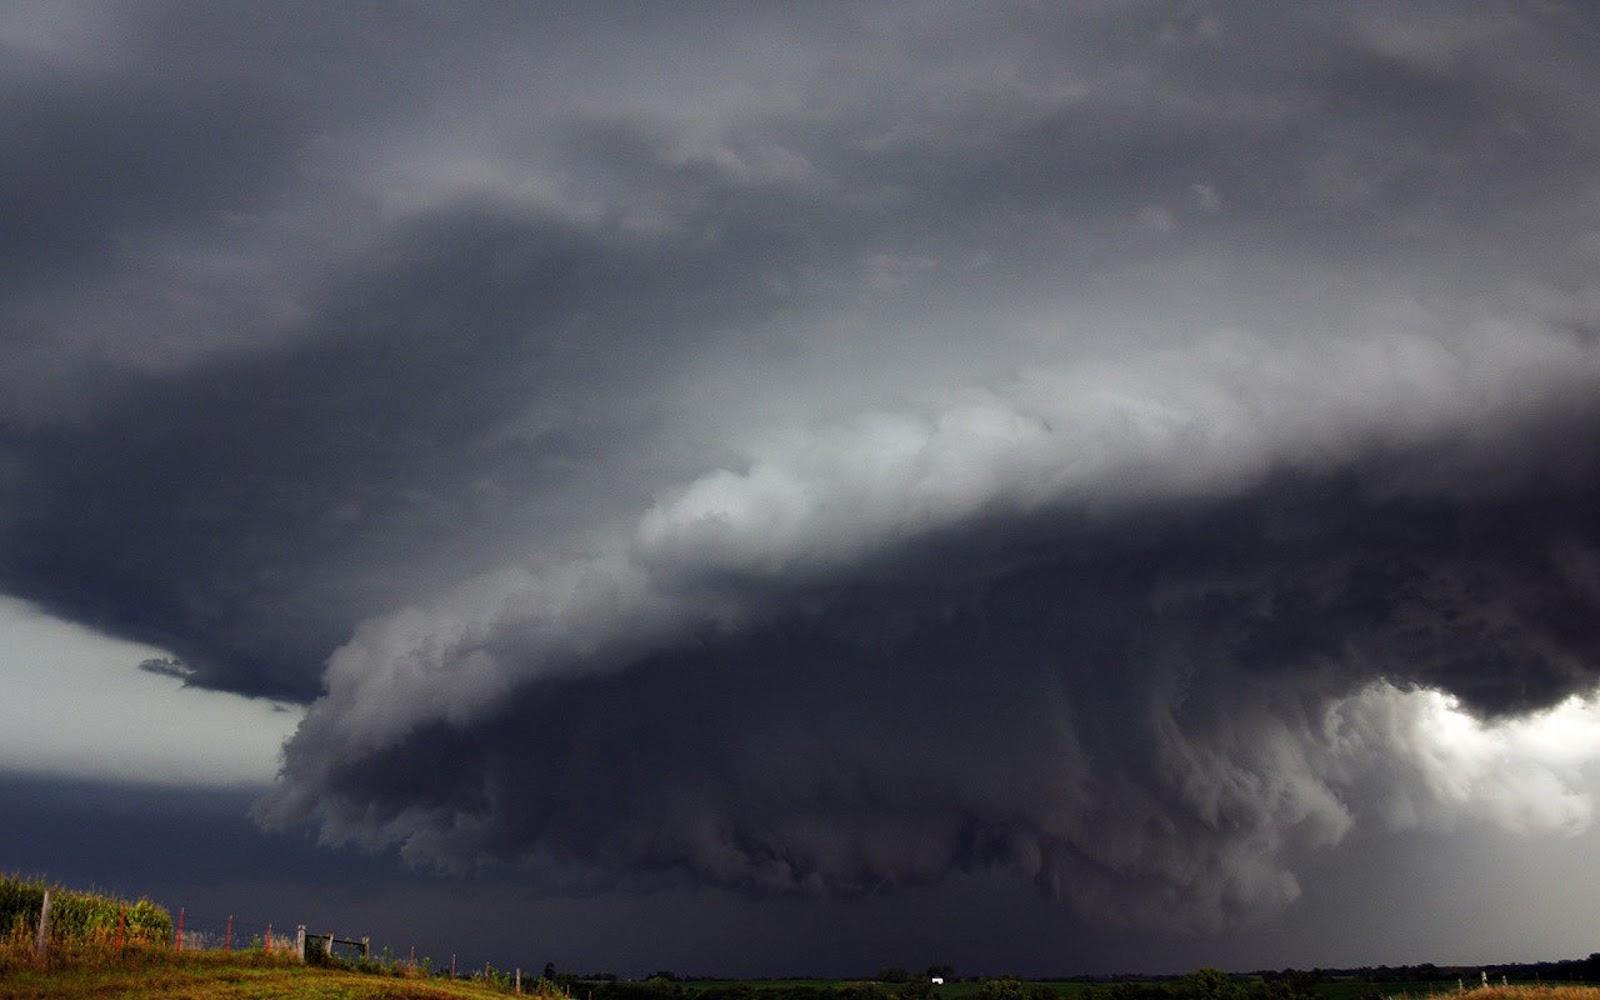 tornados  im u00e1genes de tornados  fotos